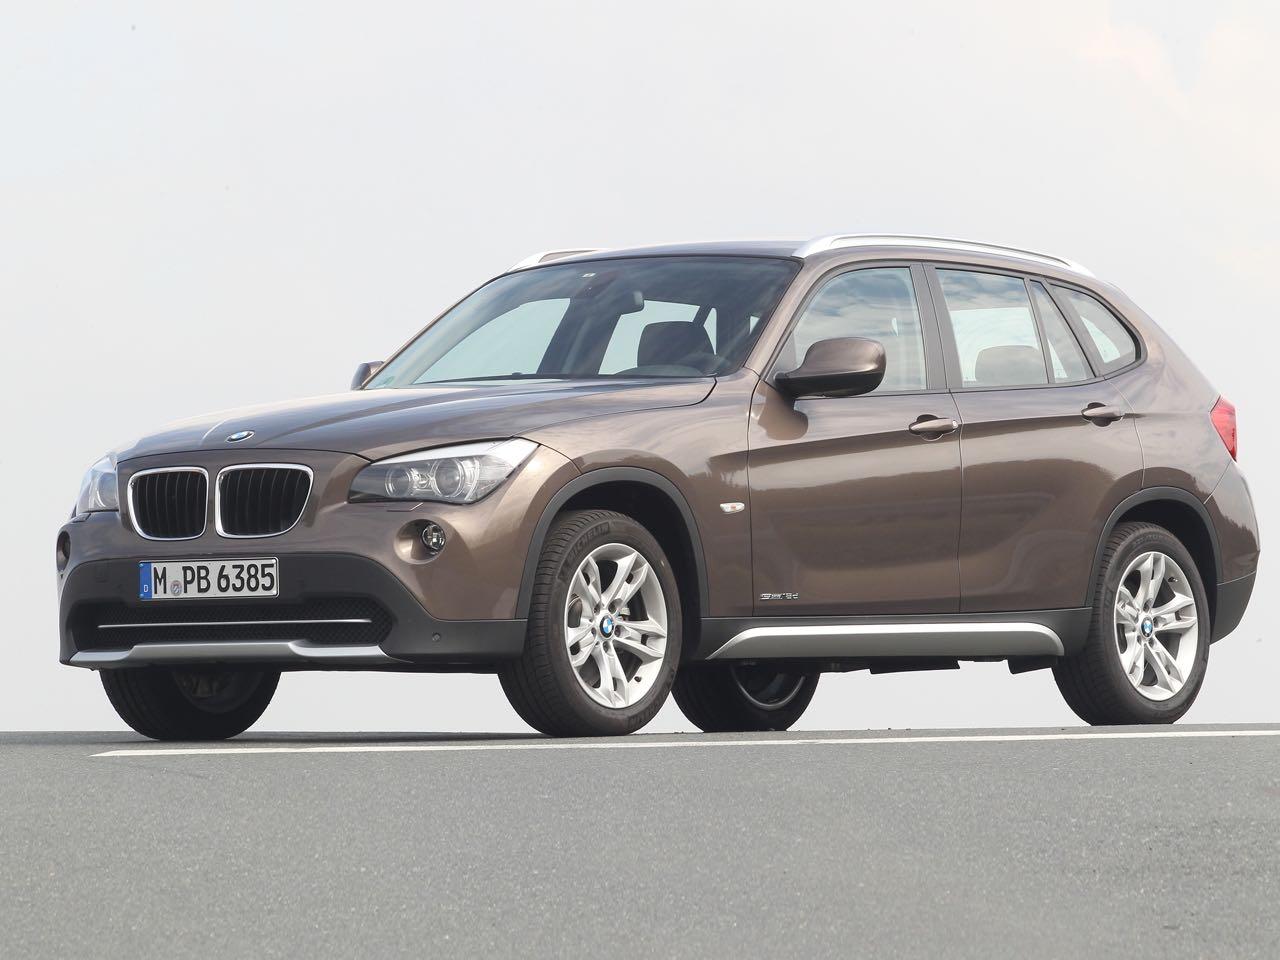 BMW X1 2009 – 5